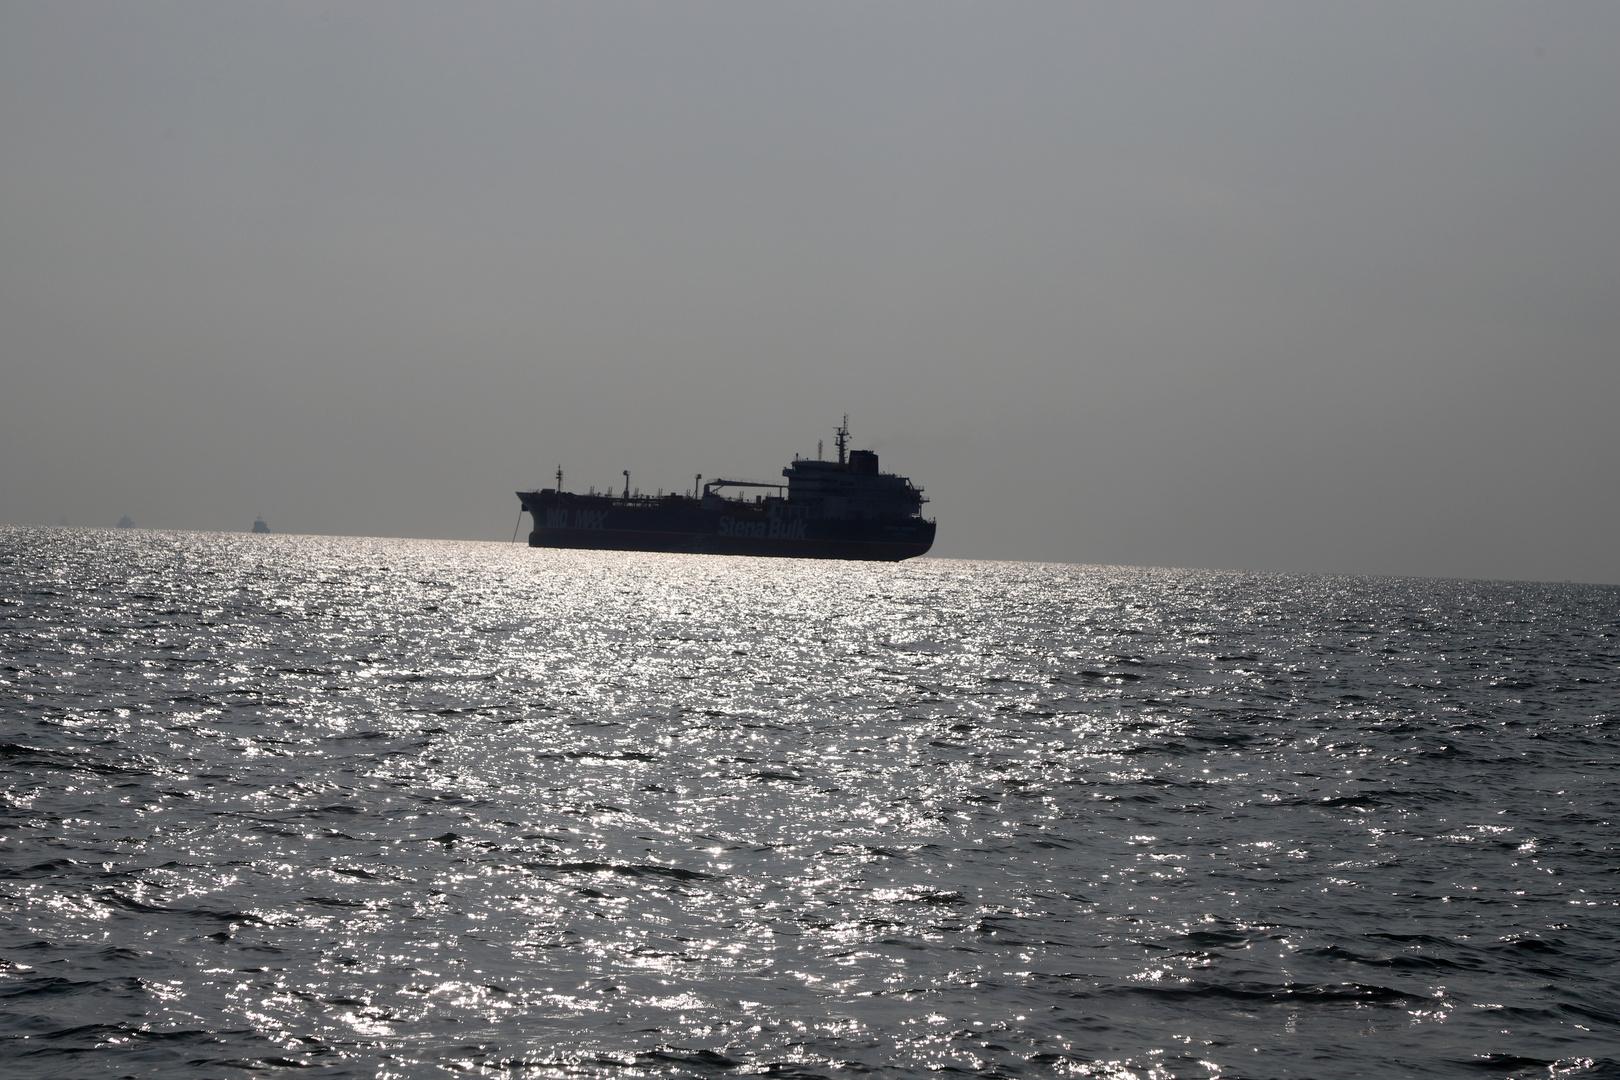 تقرير: مسؤولون أمريكيون يتفقدون في دبي السفينة المستهدفة بانفجار في خليج عمان